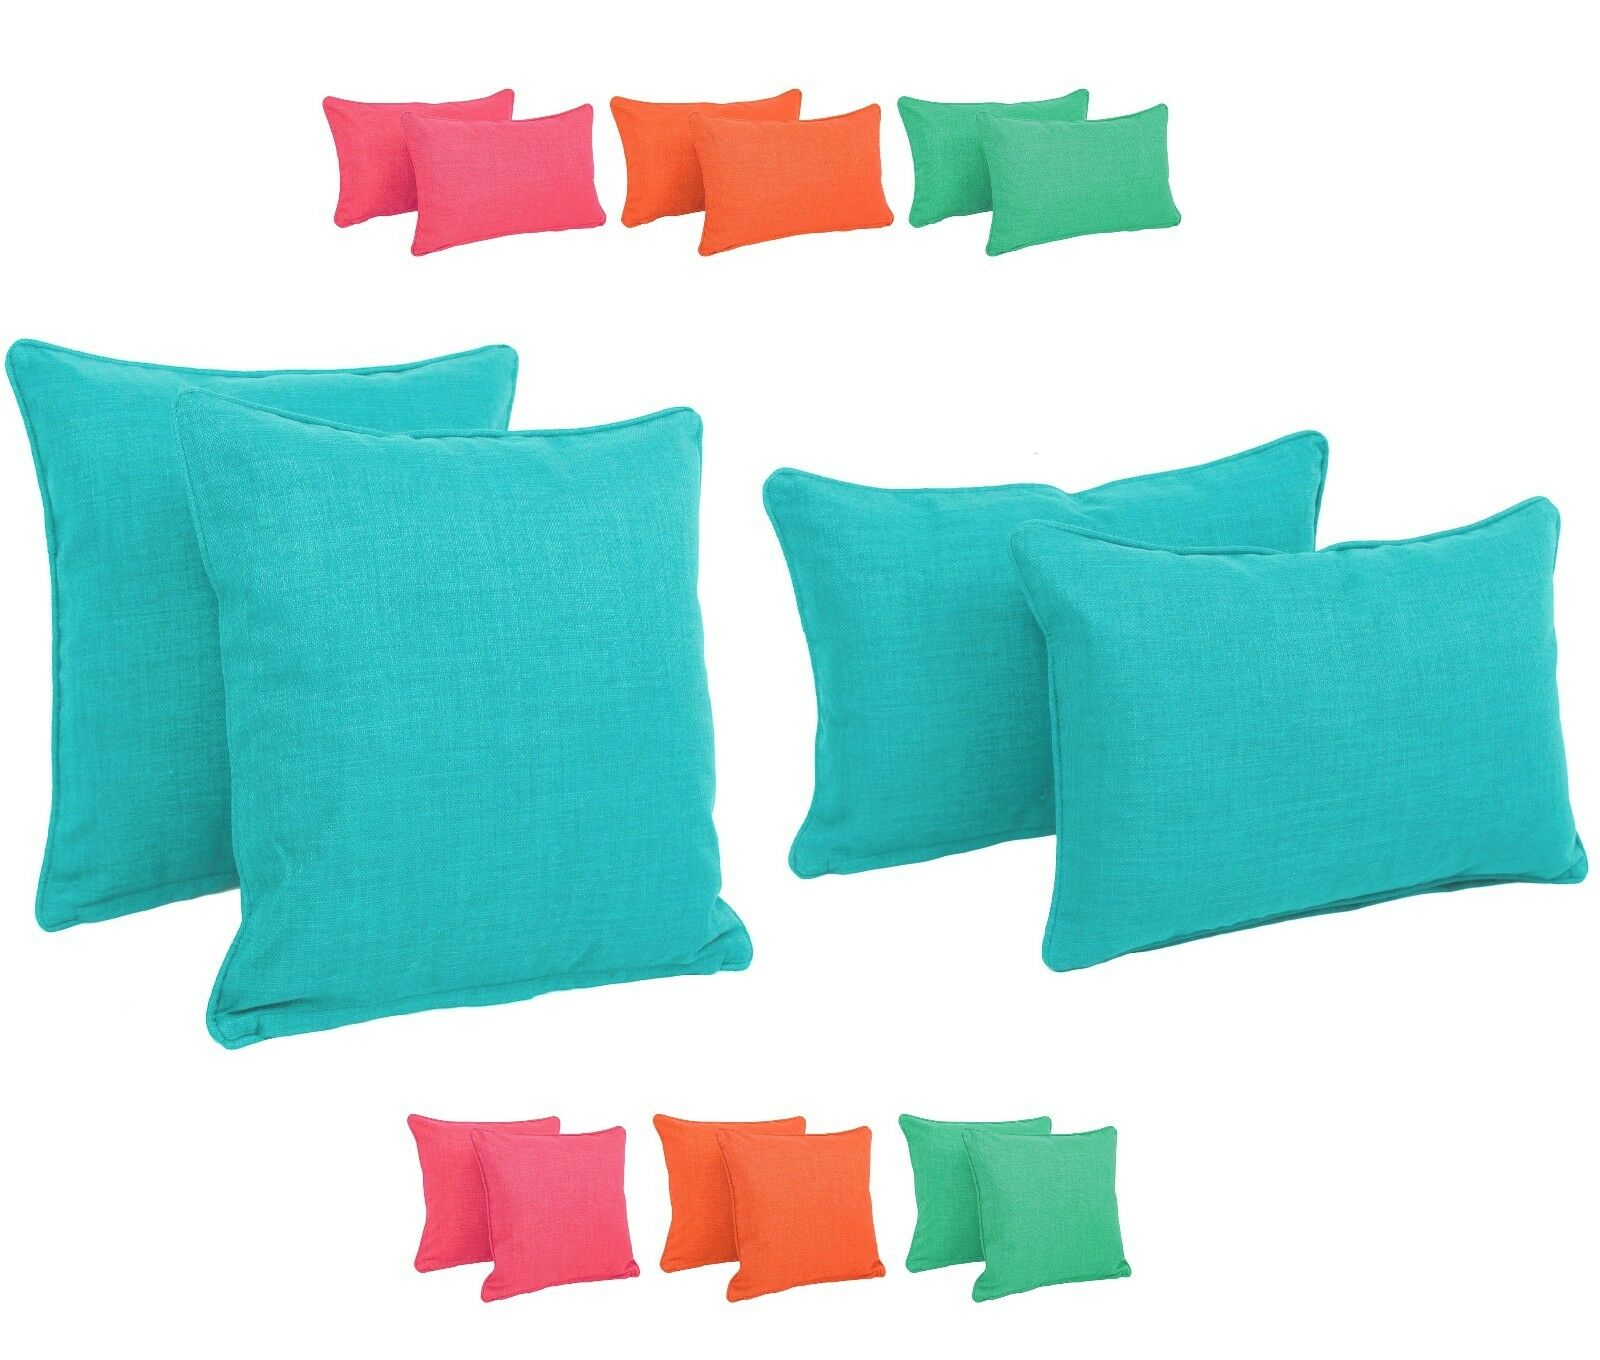 Patio Throw Pillows Garden Decorative Cushions Outdoor